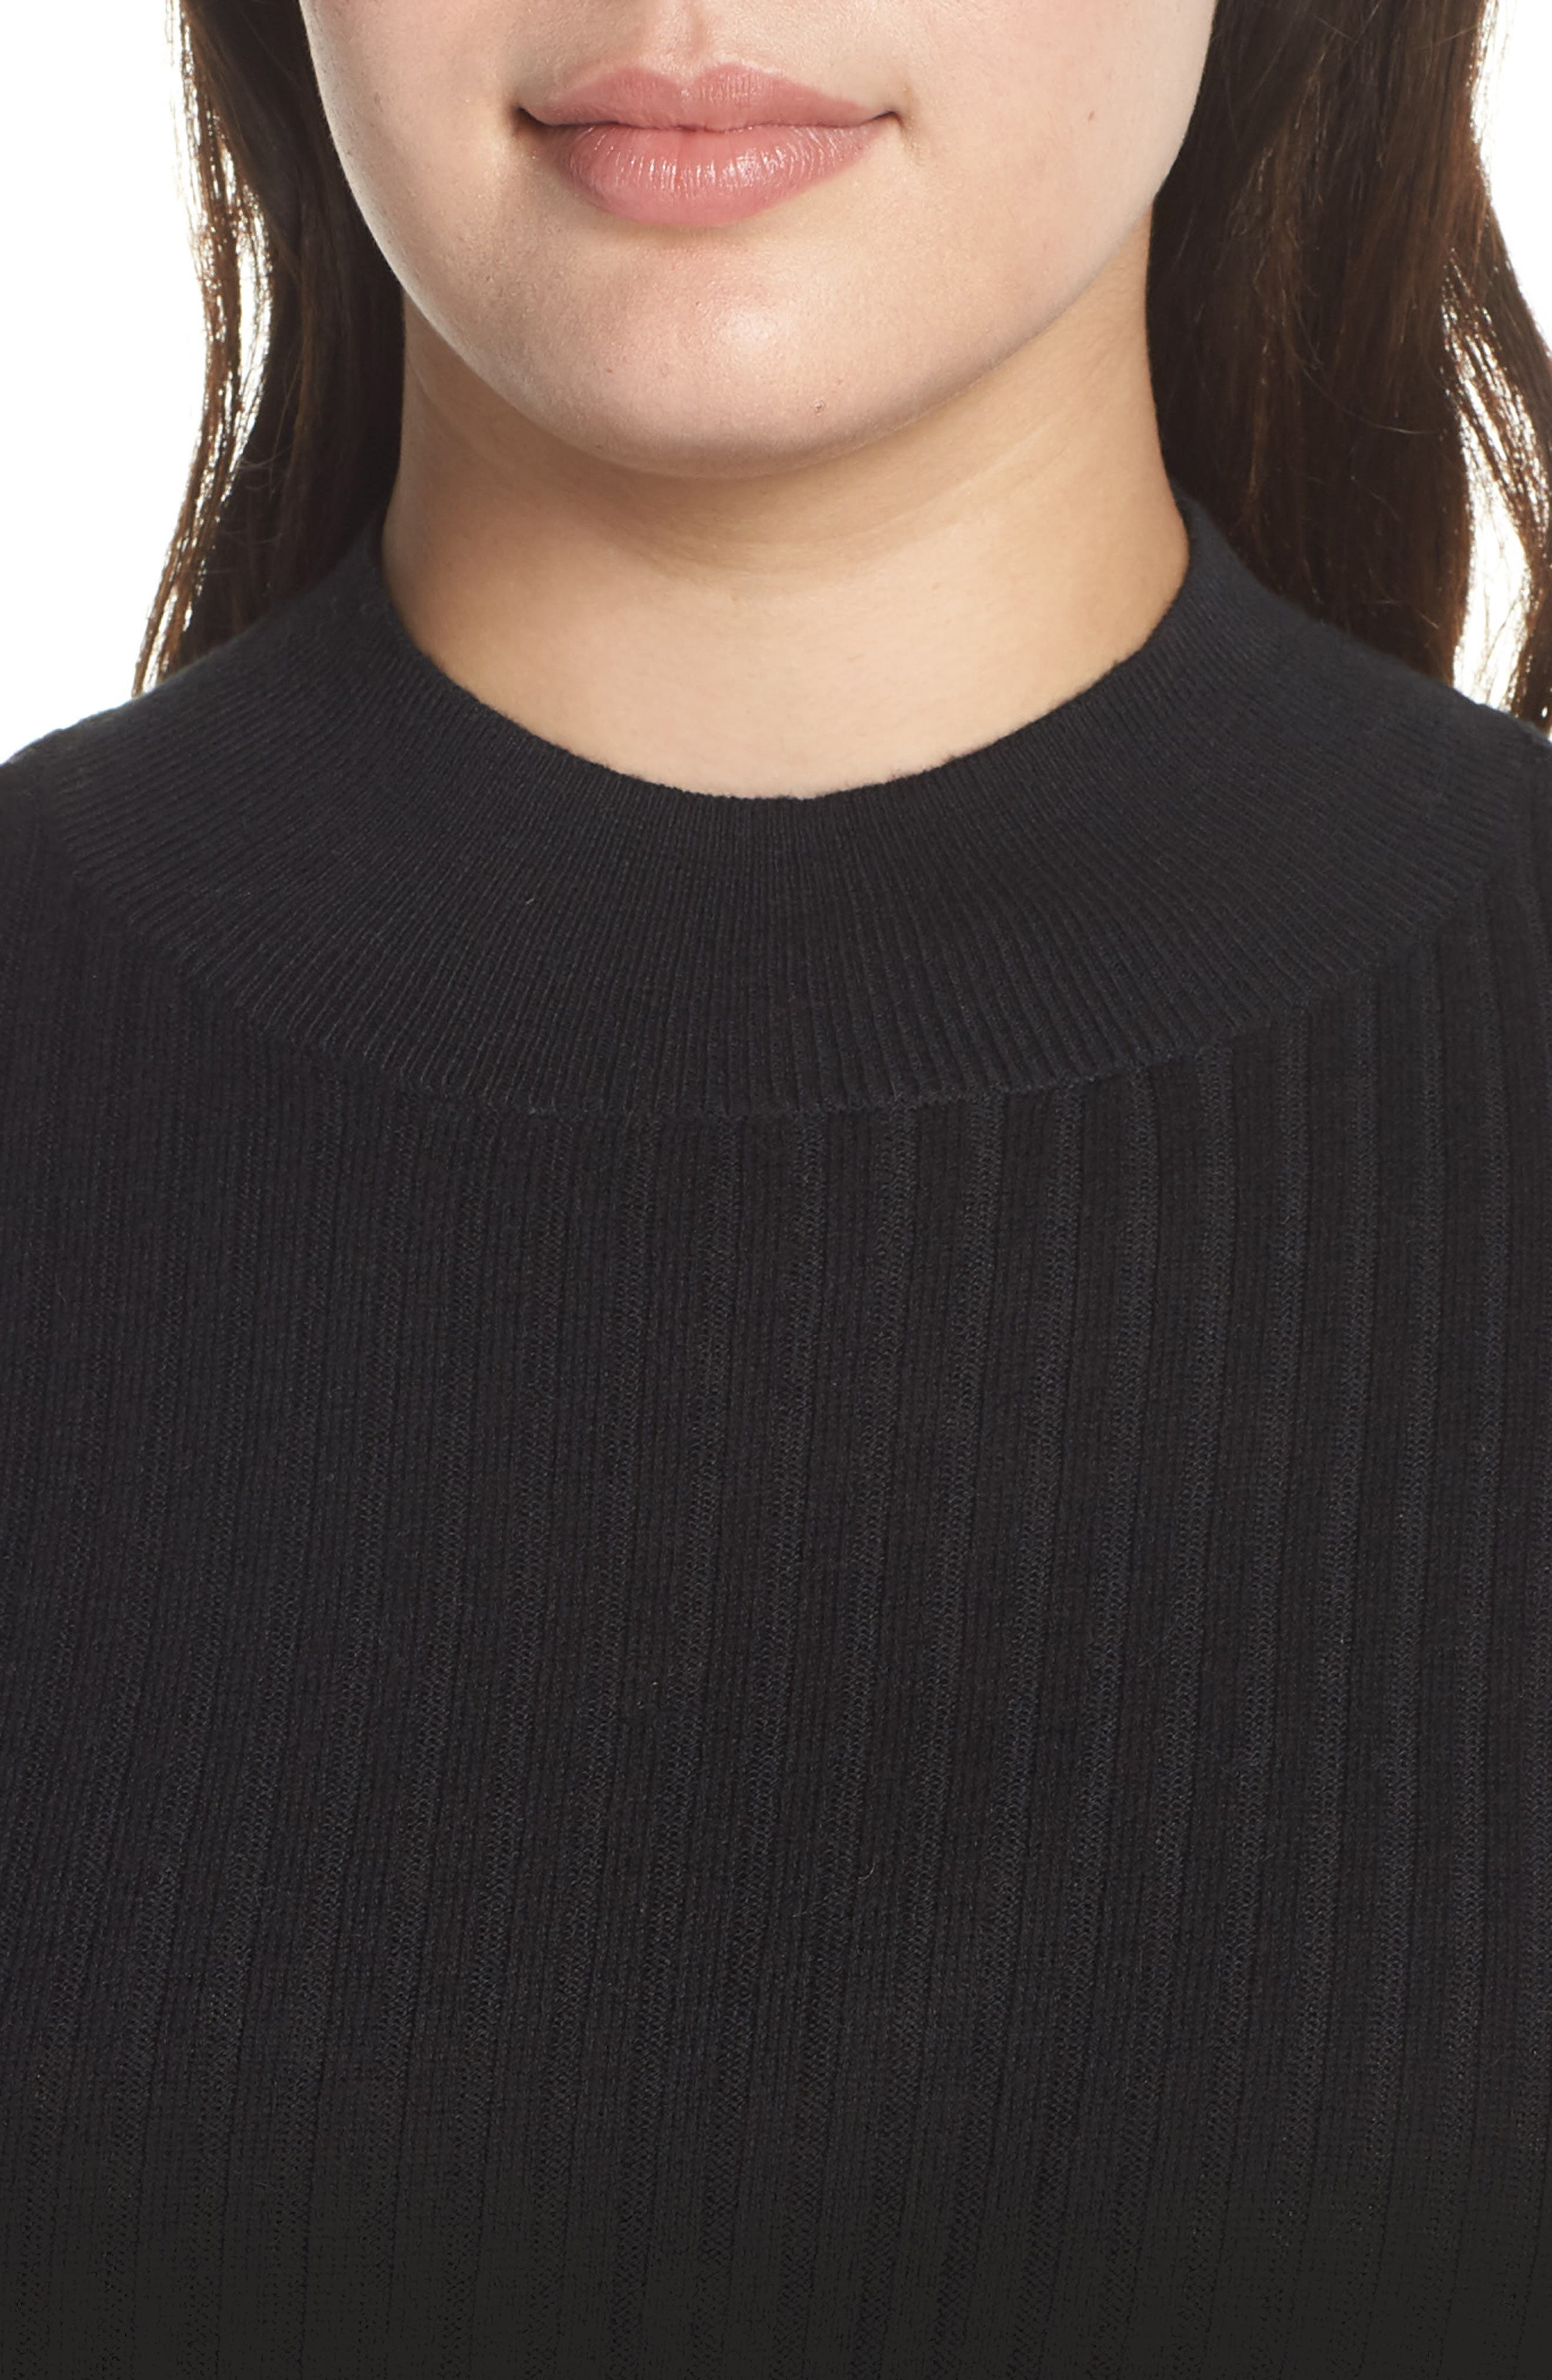 Rib Knit Mock Neck Sweater,                             Alternate thumbnail 4, color,                             BLACK